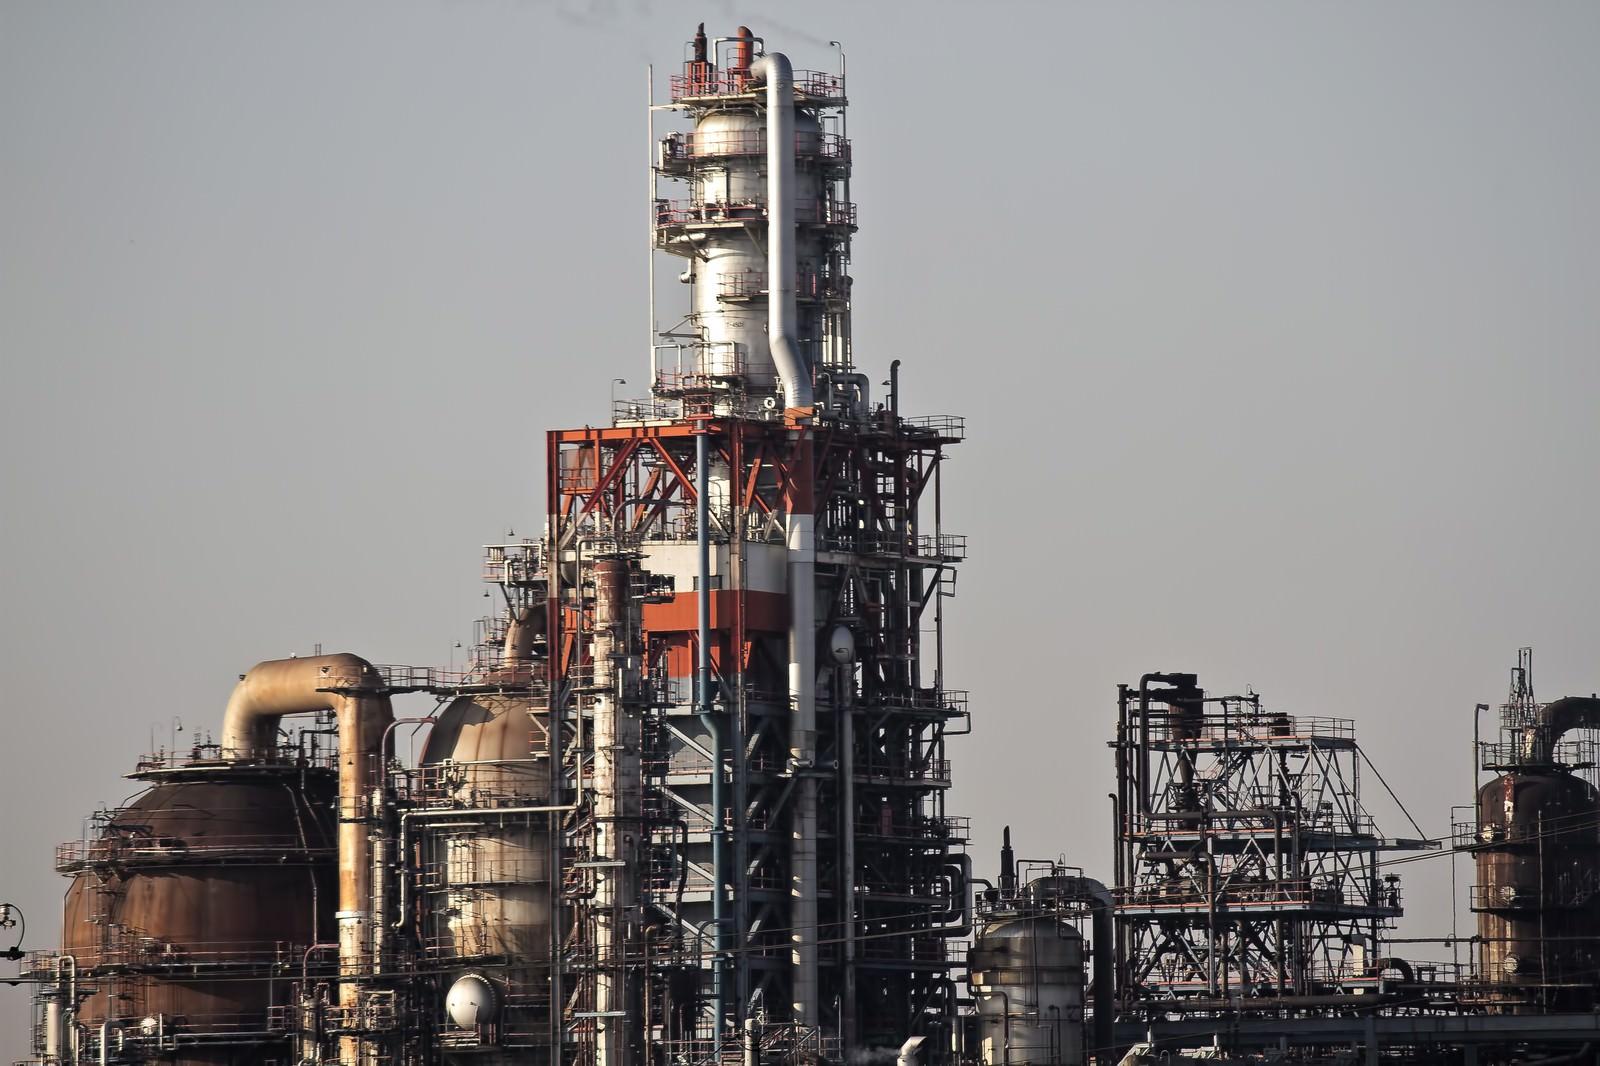 「工業地帯のコンビナート」の写真